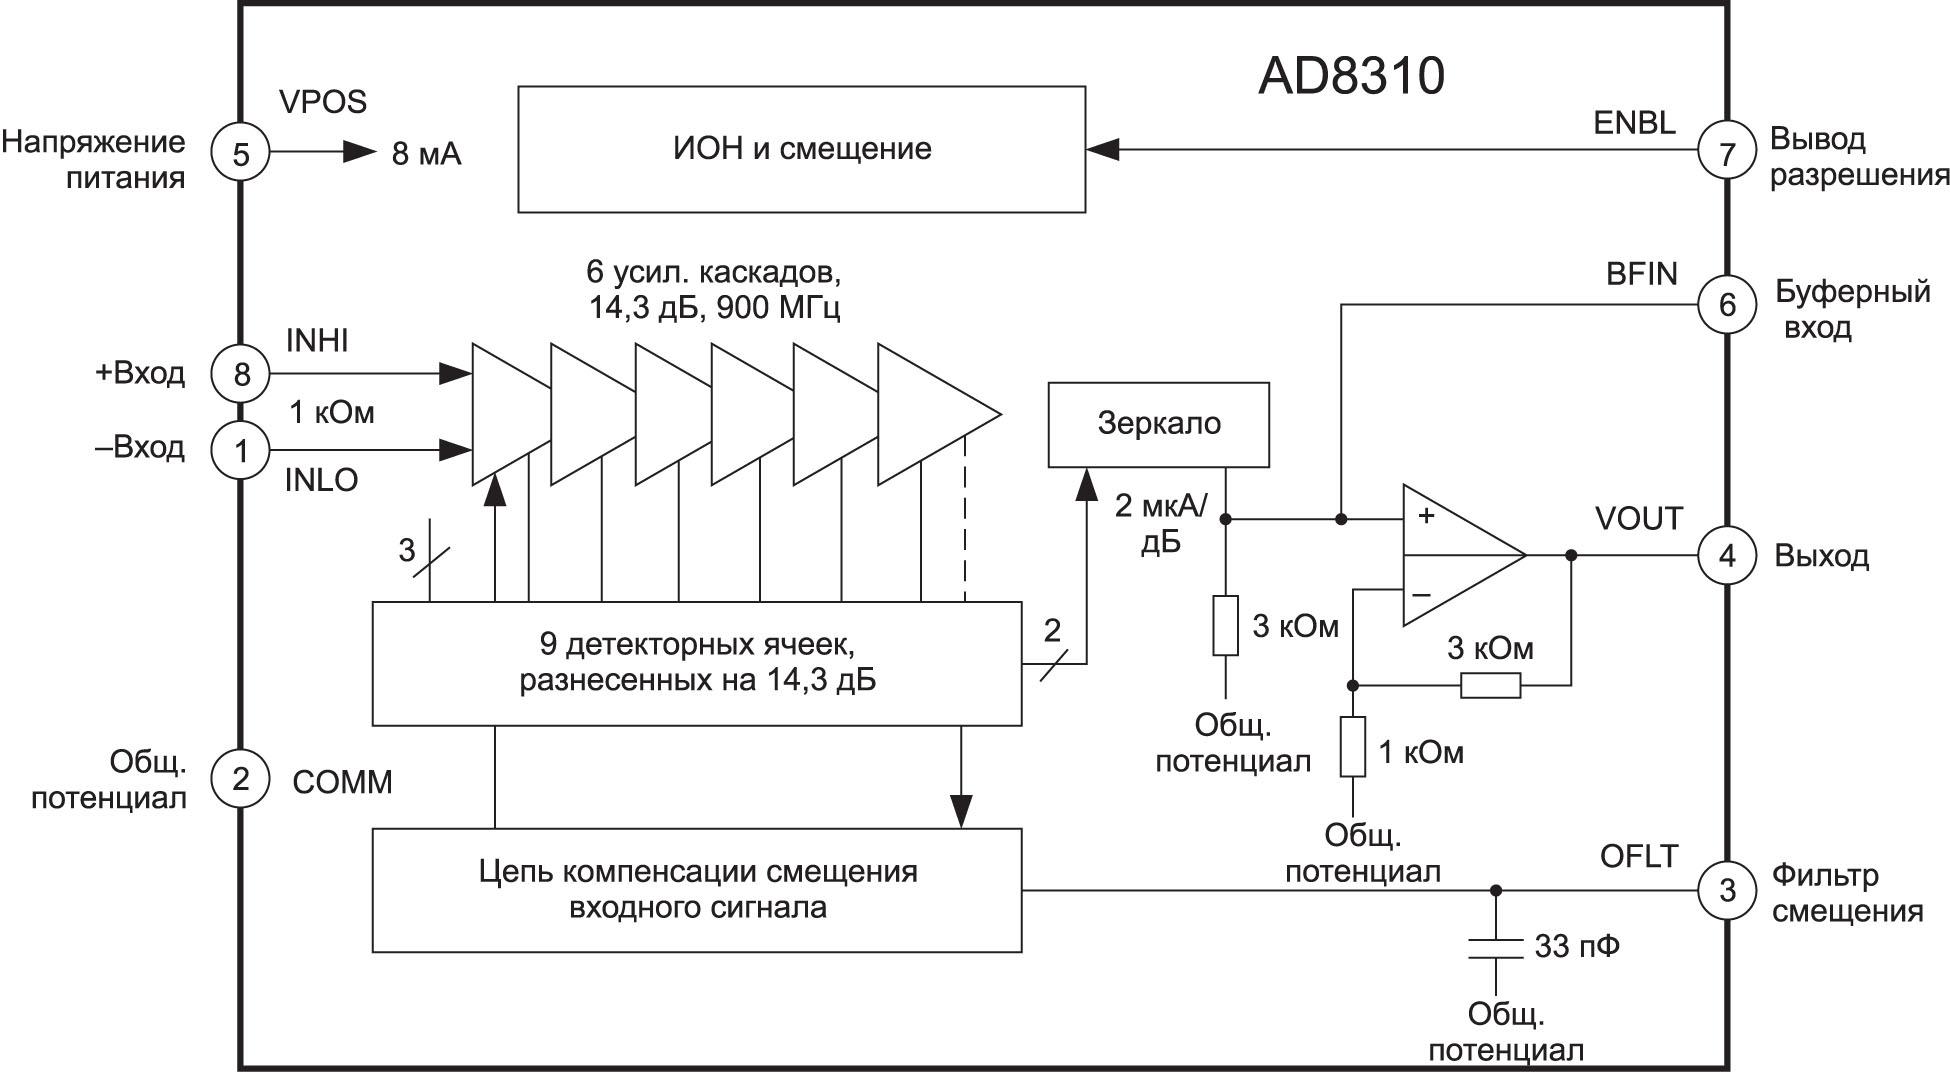 Общая схема AD8310